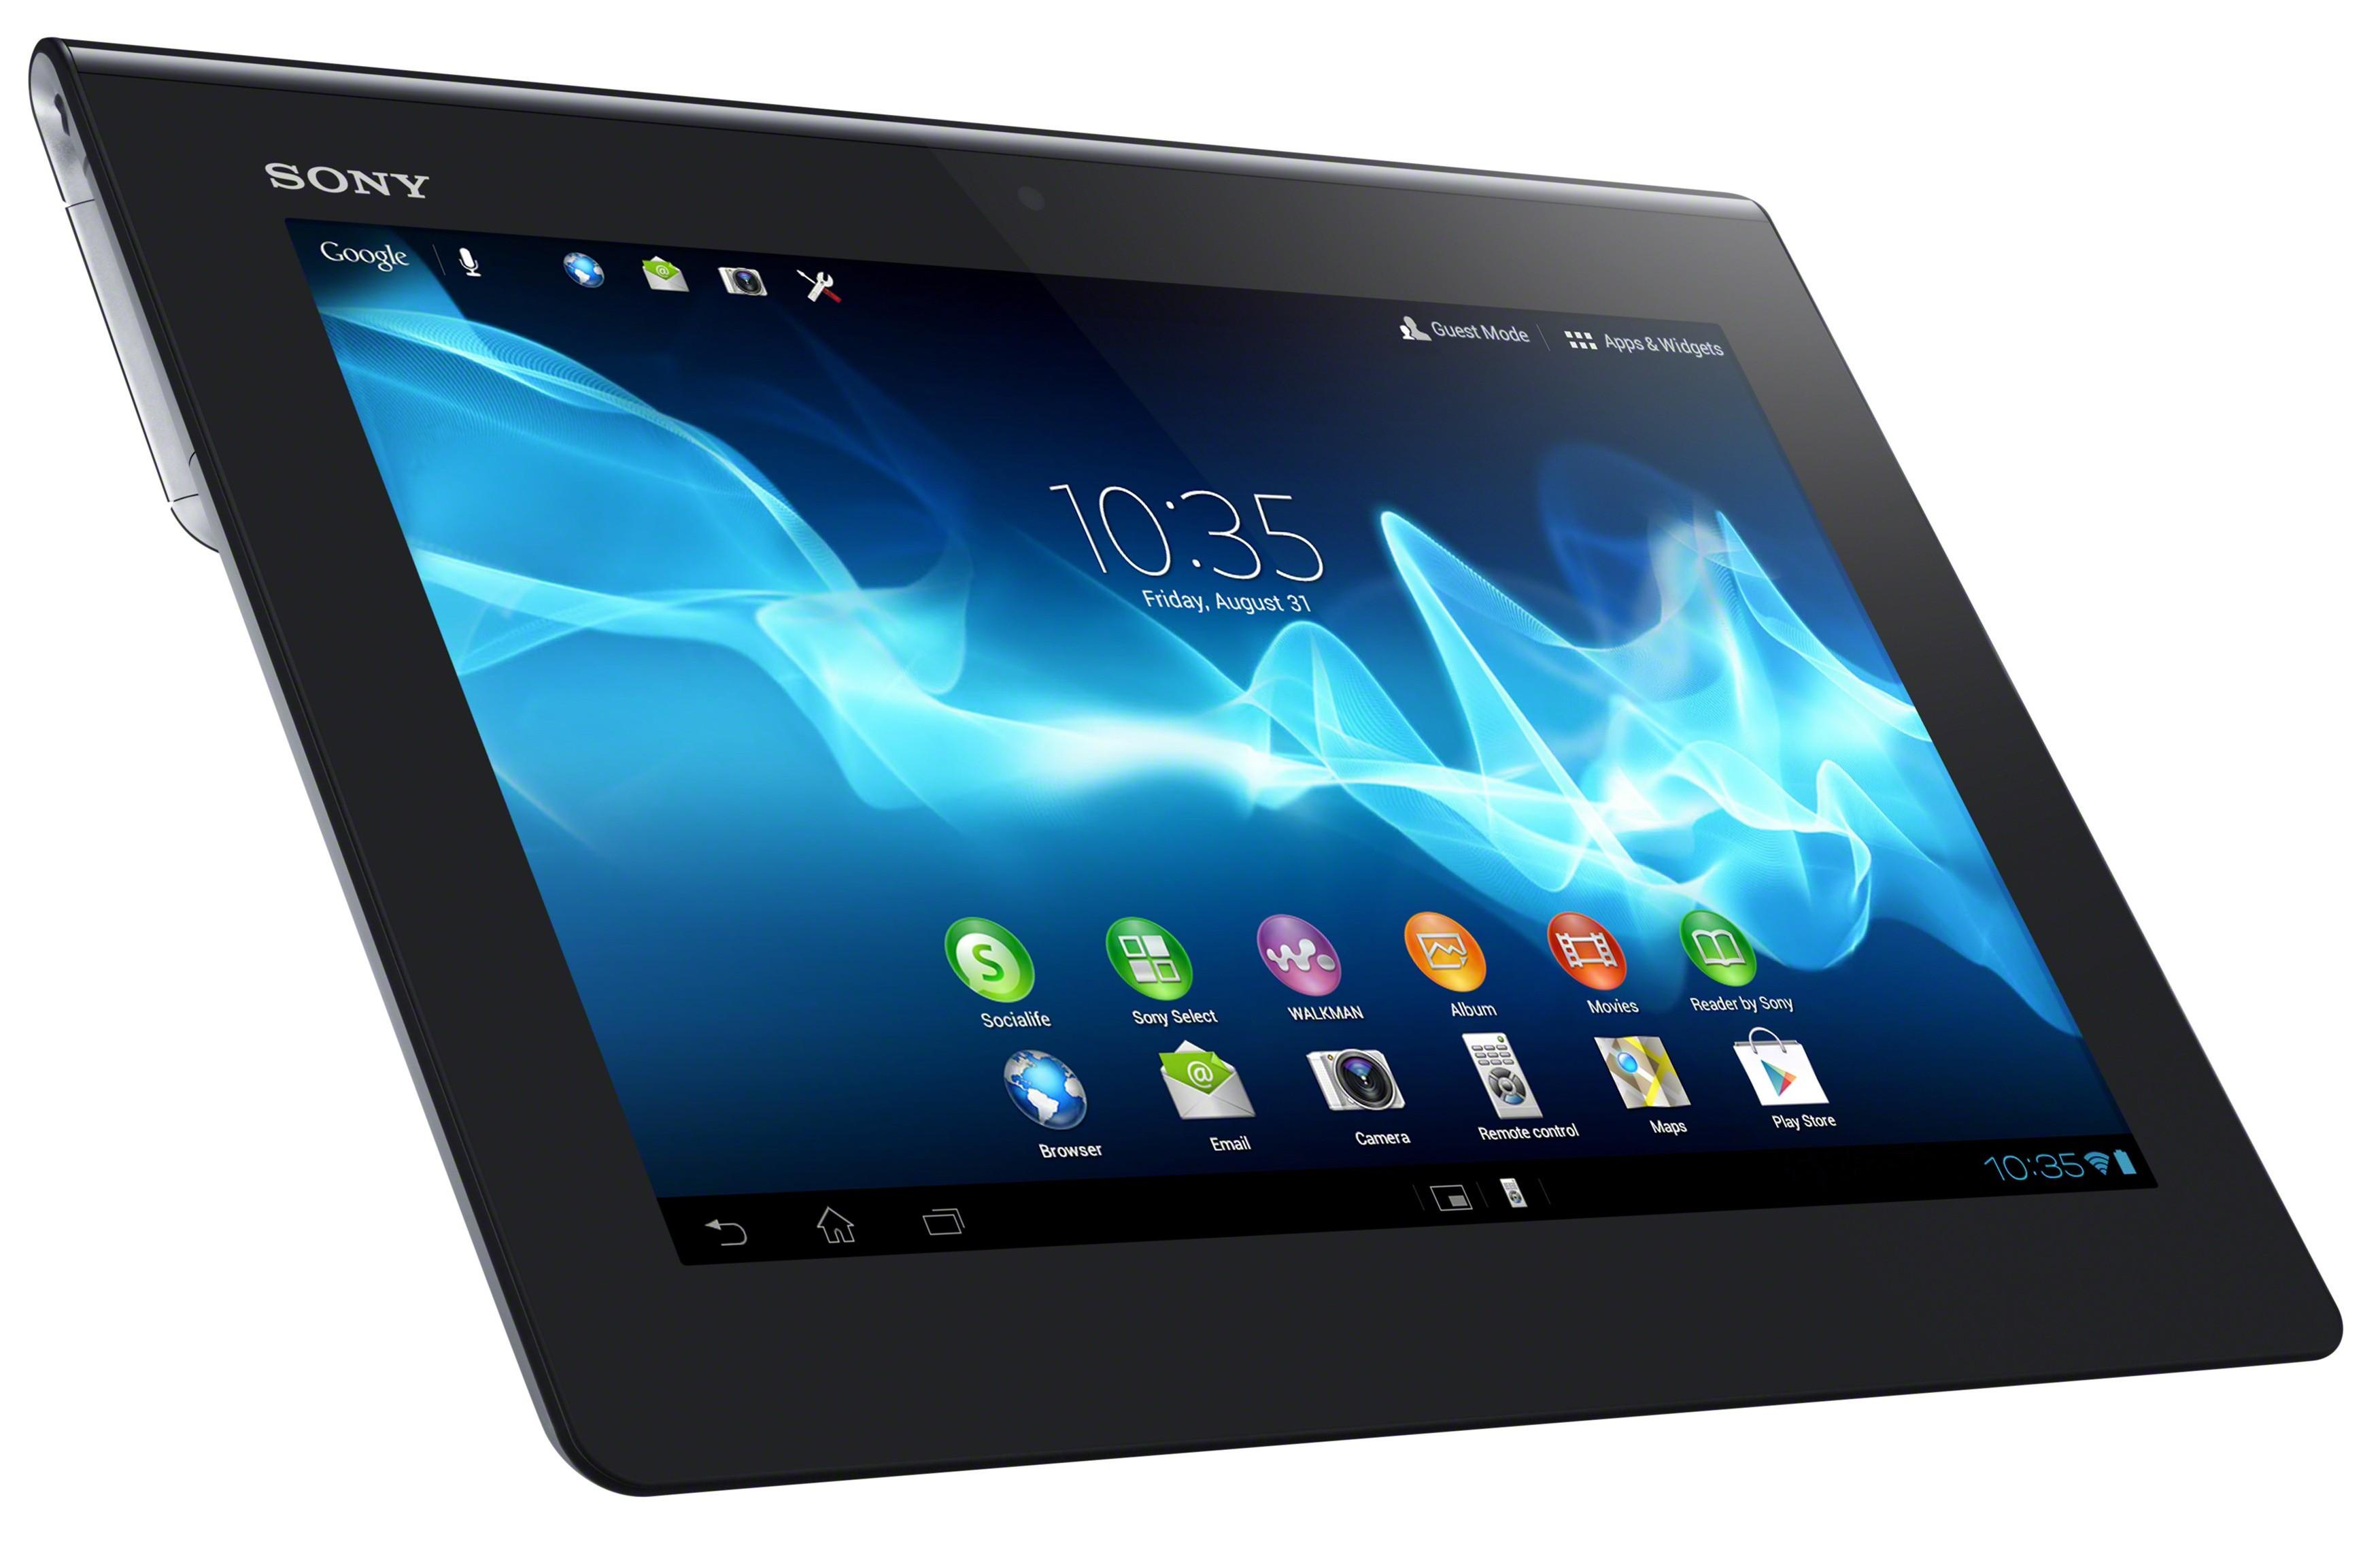 Xperia Tablet S: di nuovo in vendita da metà Novembre dopo i problemi legati all'impermeabilità